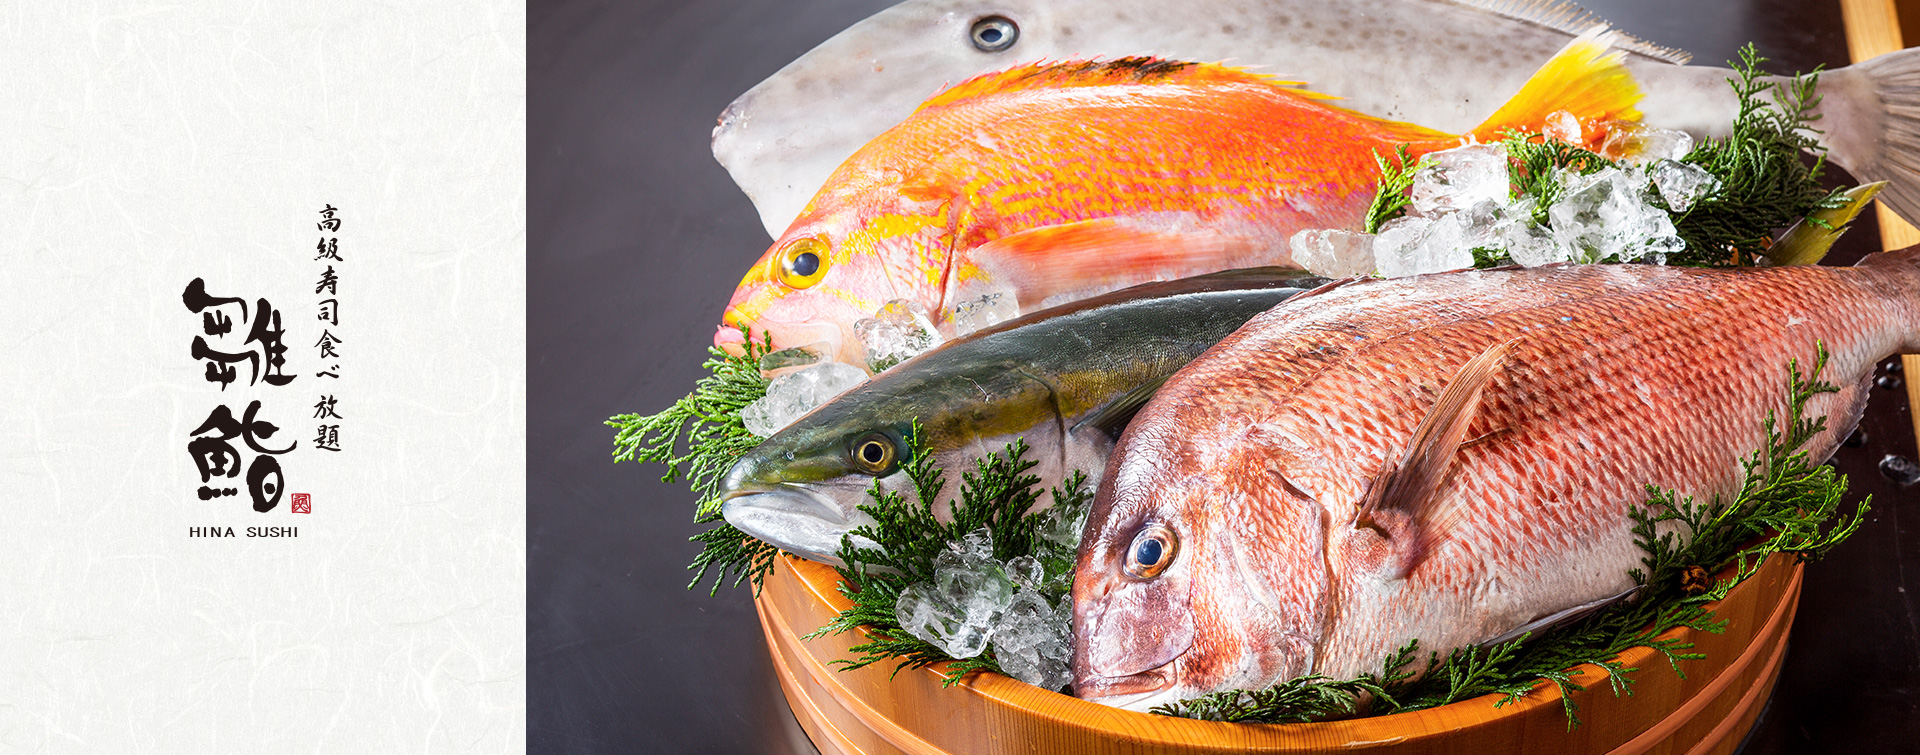 新鮮な魚がそろう